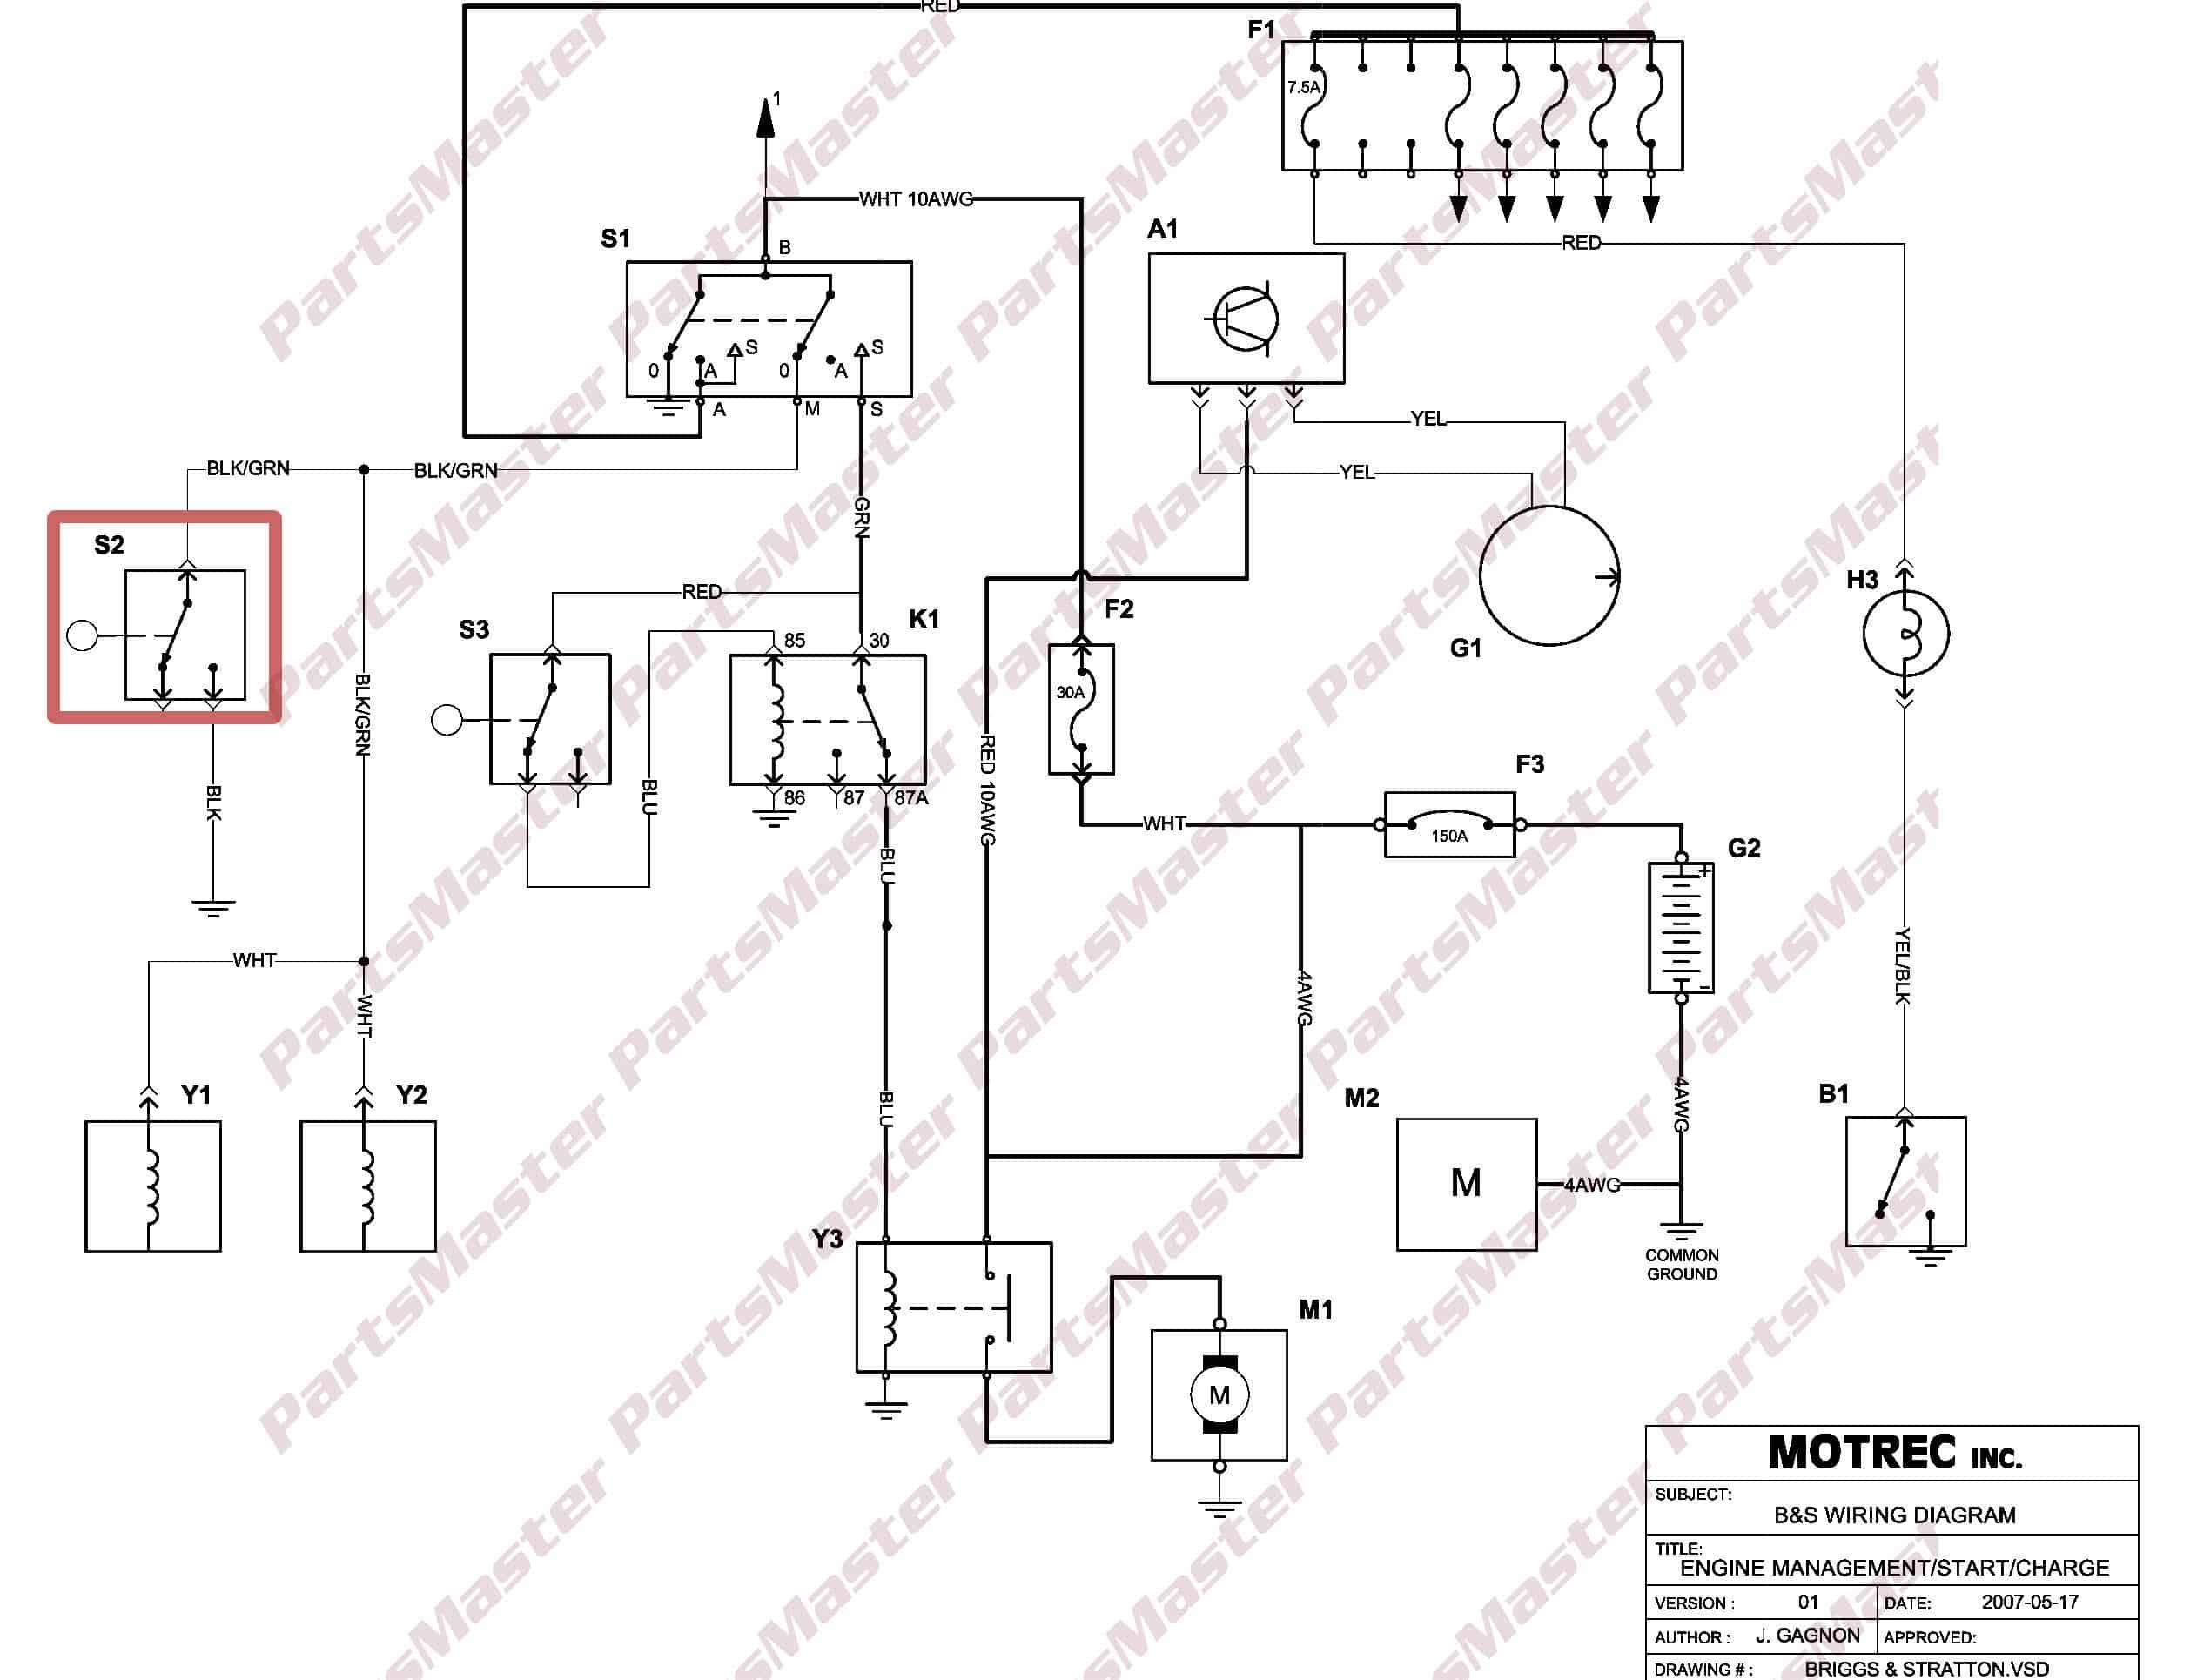 motrec wiring diagram wiring diagrams schematics rh alexanderblack co Electric Fan Wiring Diagram Automotive Wiring Diagrams